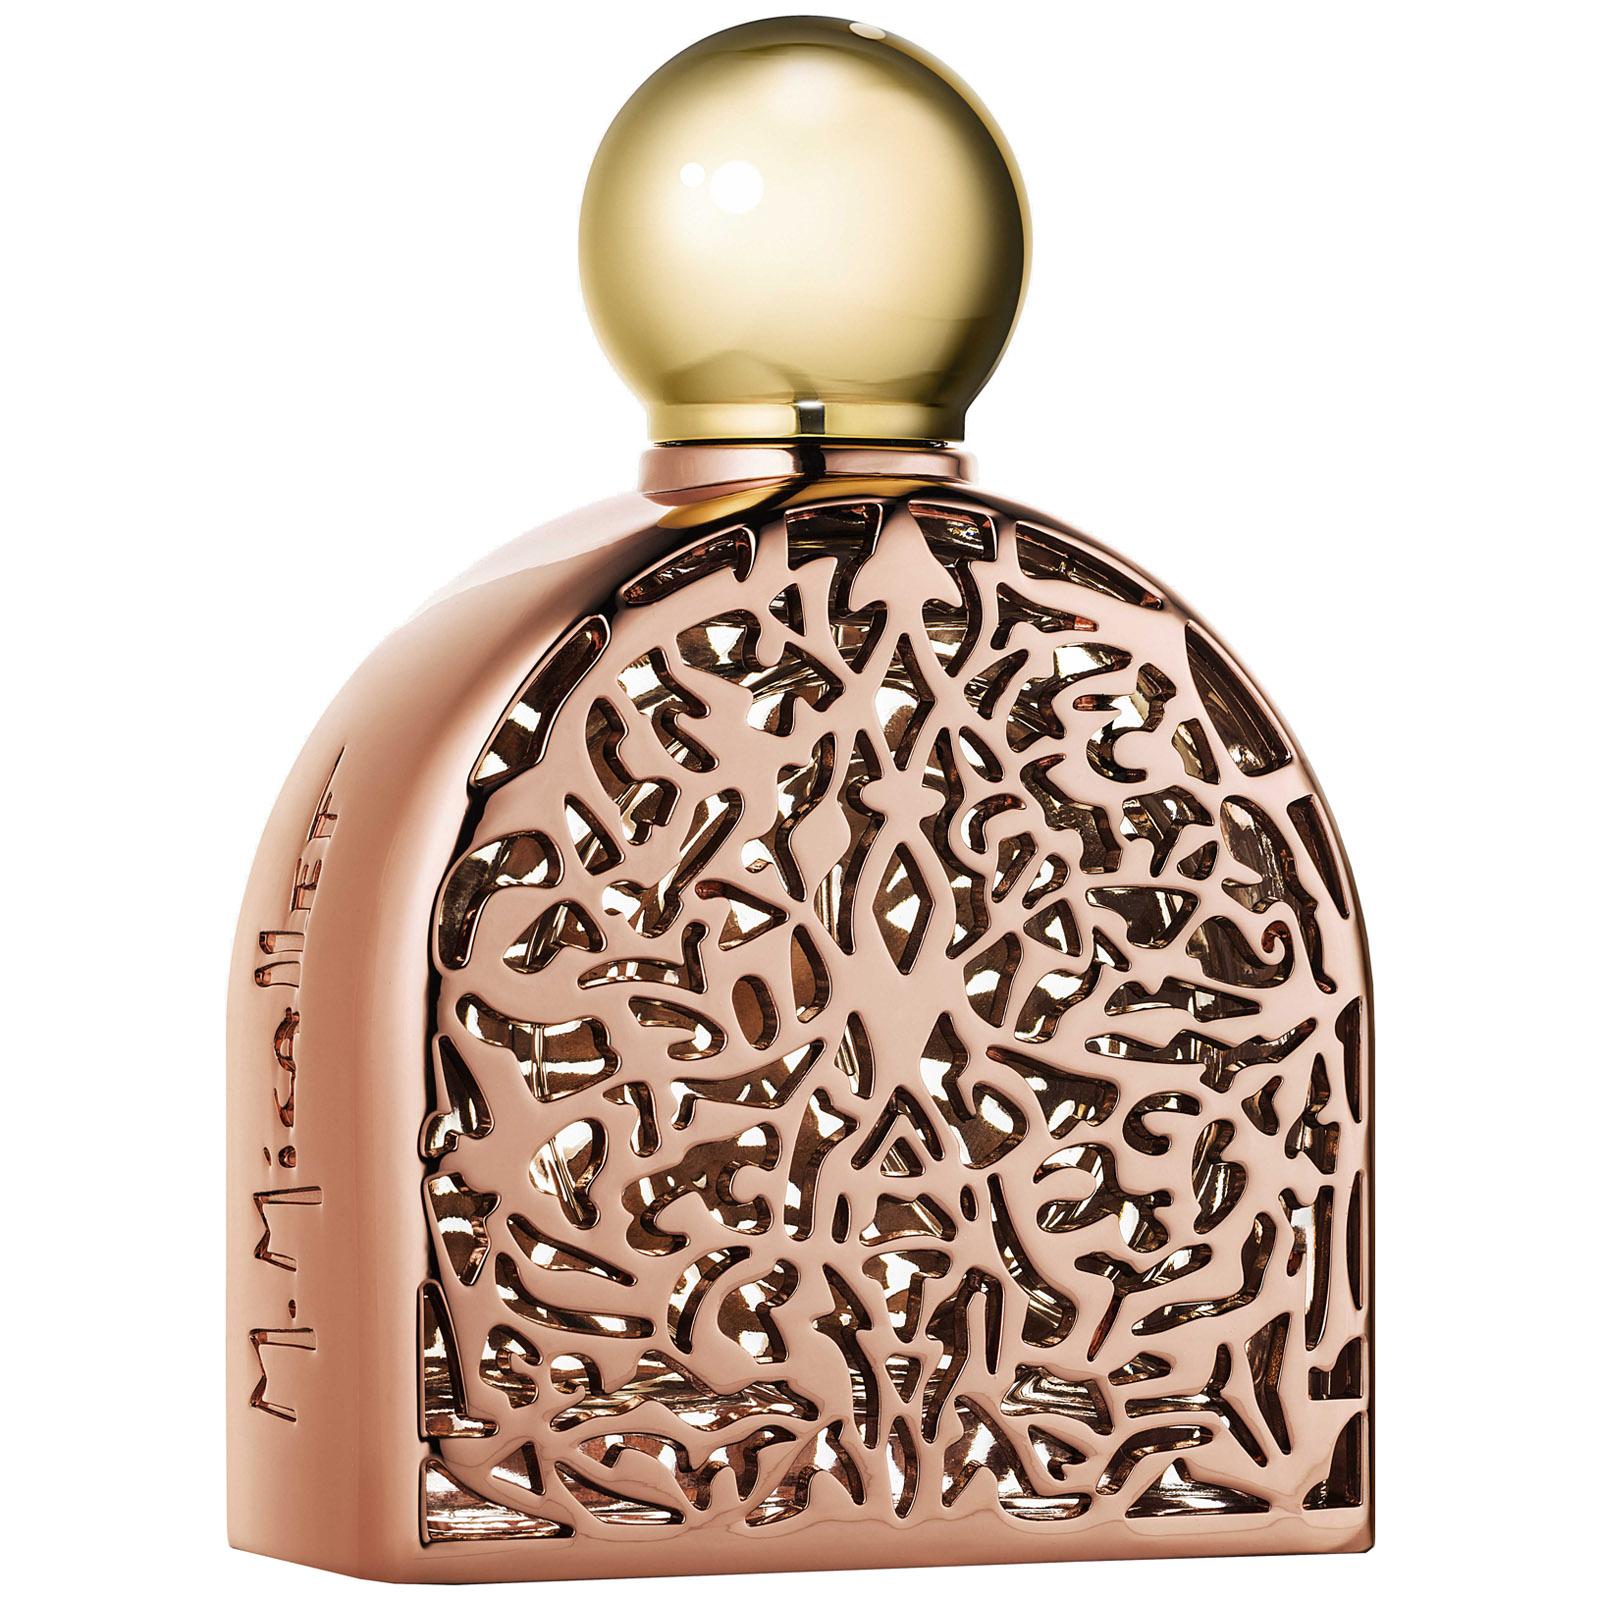 Secrets of love glamour profumo eau de parfum 75 ml